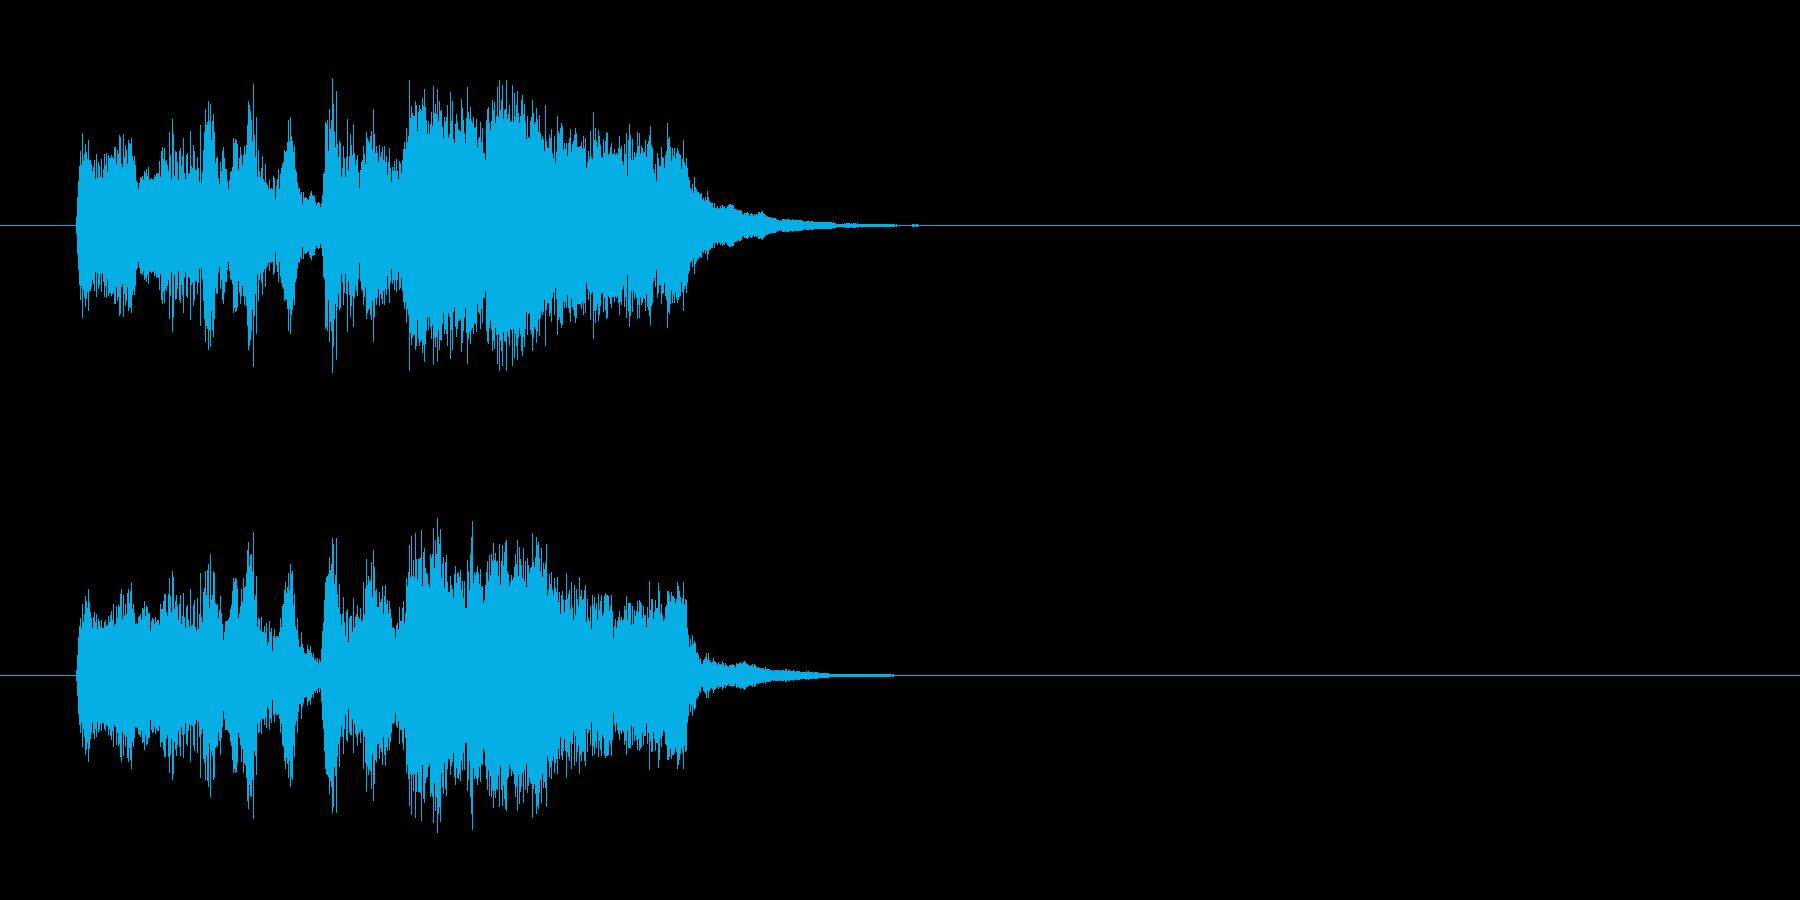 軽快なフォークダンス風ポップスのジングルの再生済みの波形